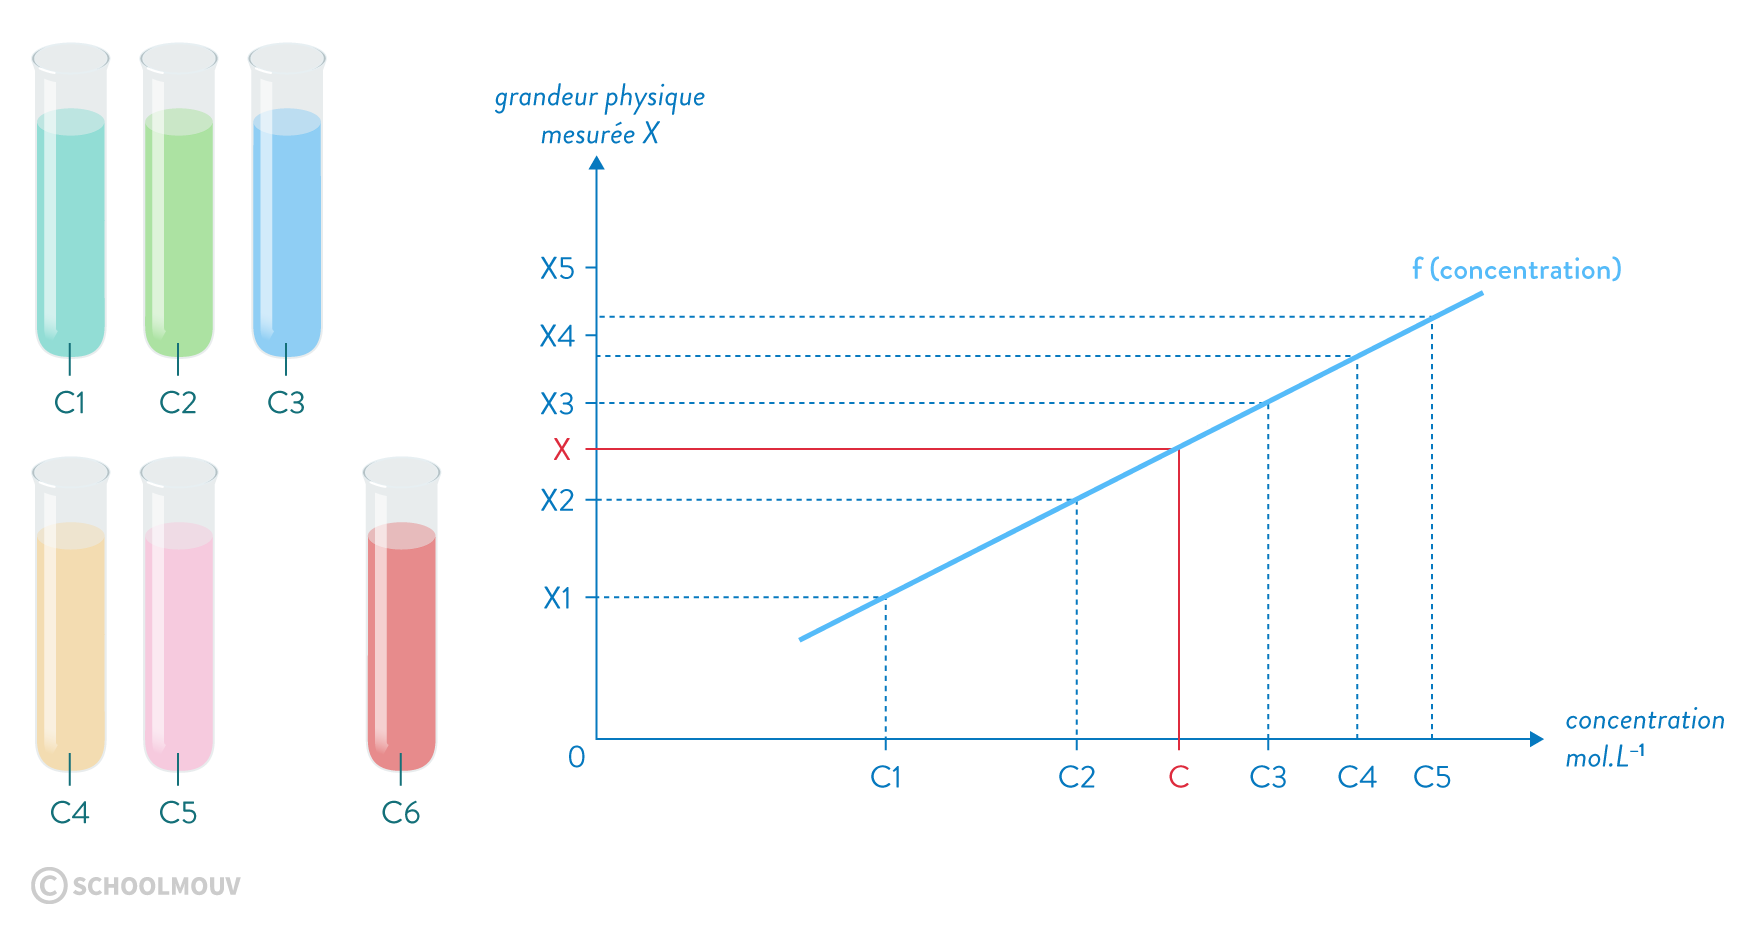 Traçage d'une courbe d'étalonnage